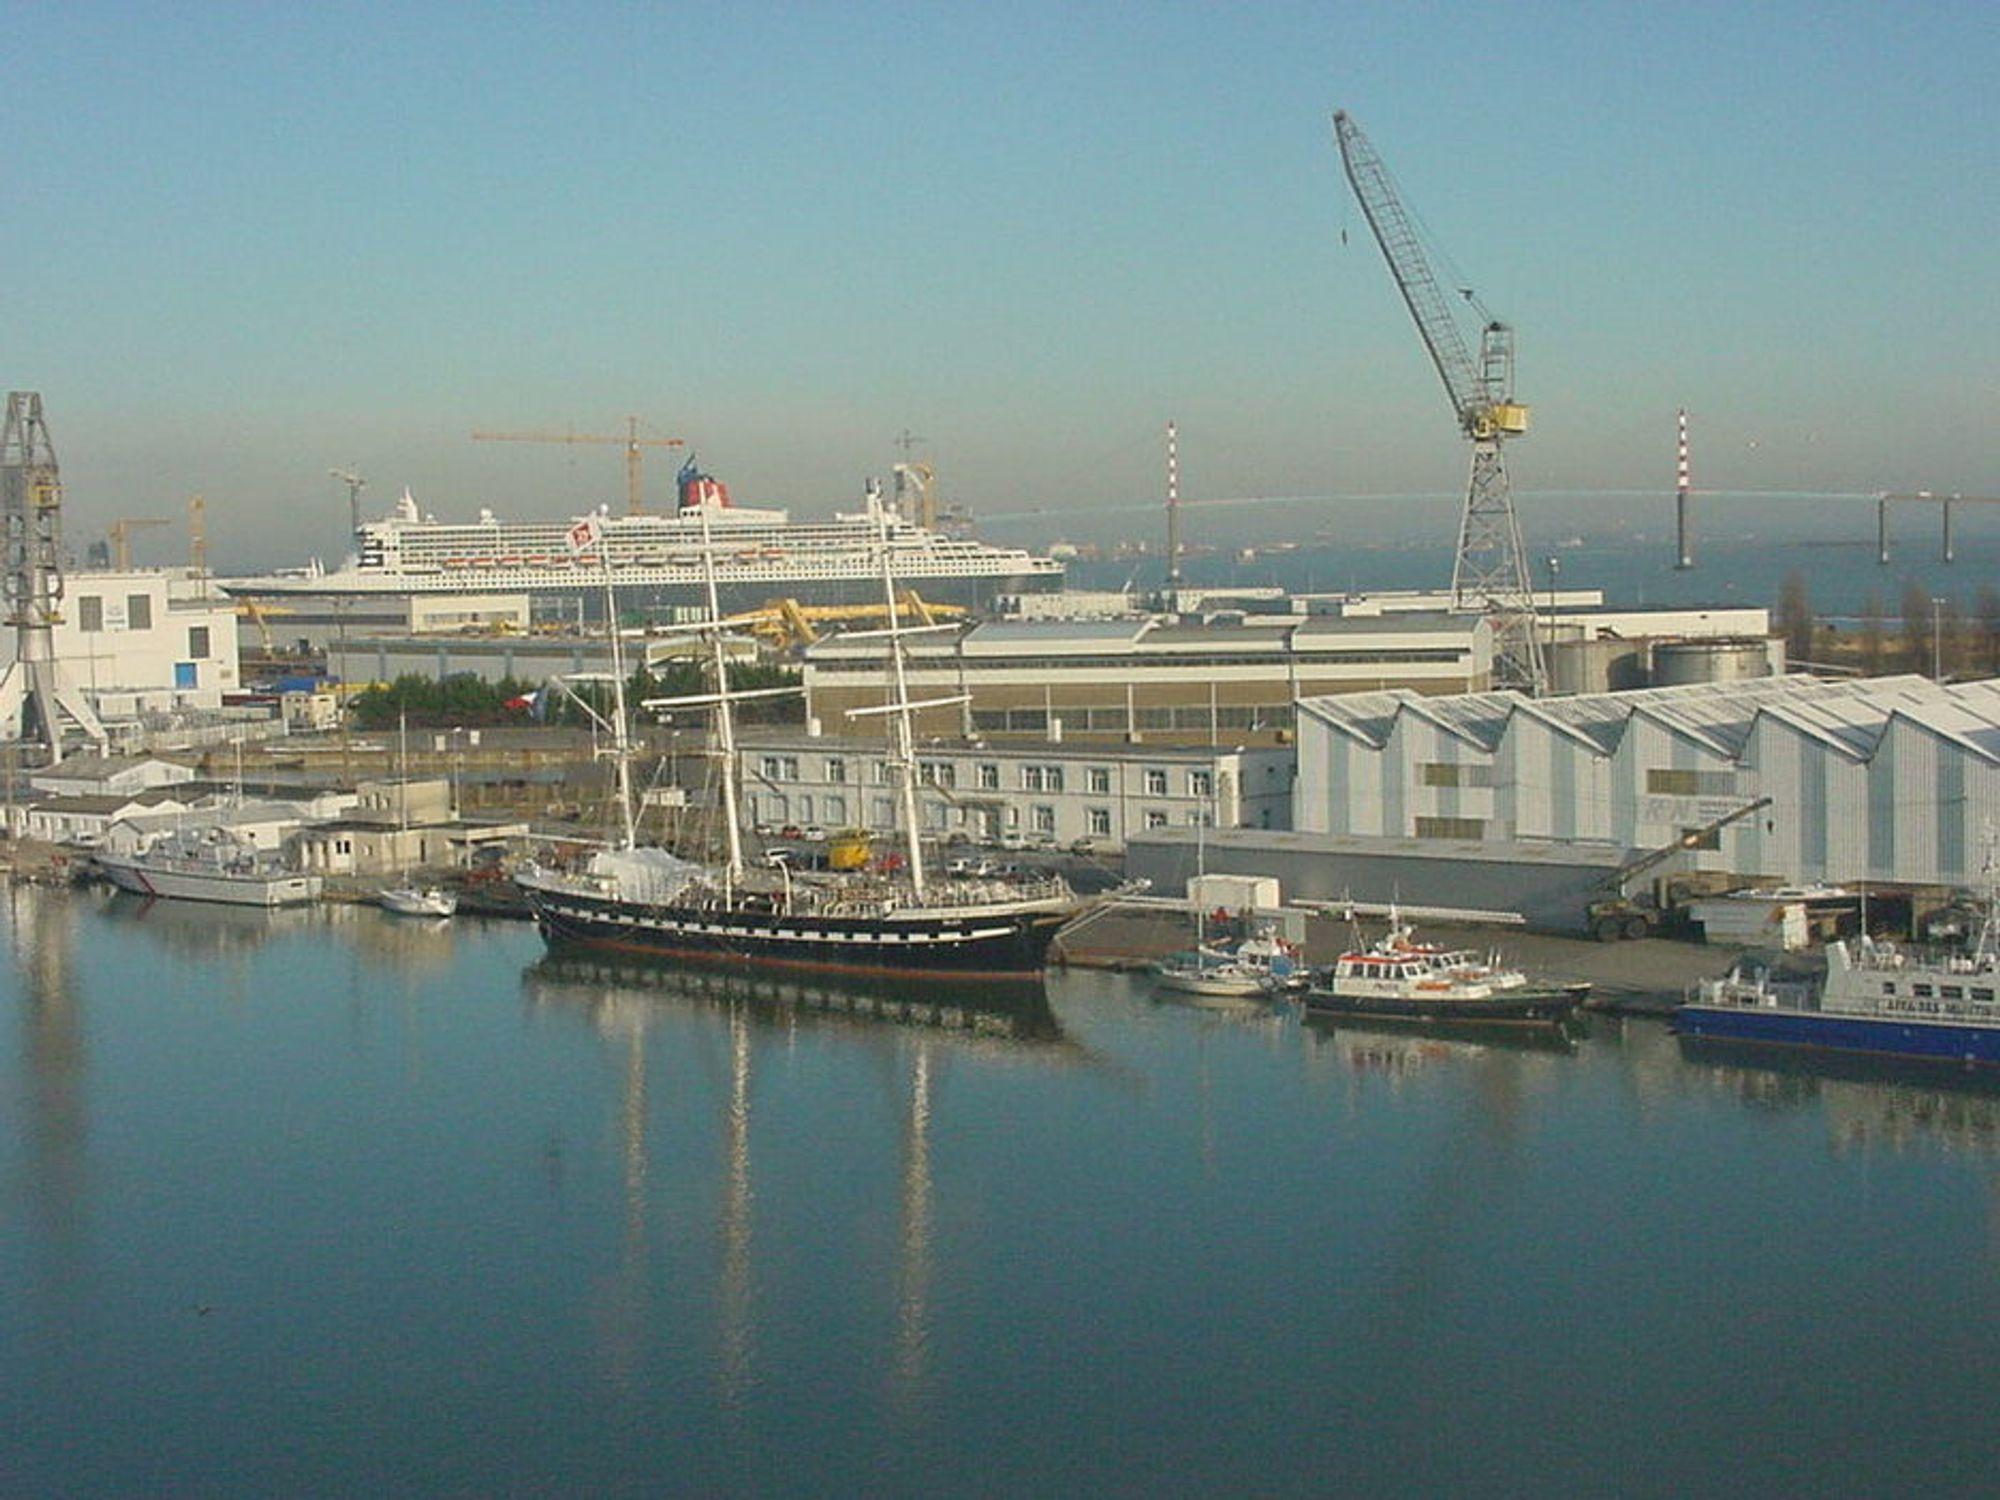 FRANKRIKE: STX Europe i Saint Nazaire skal bygge et cruiseskip på 333 meter for en ny kunde som vil inn på cruisemarkedet.